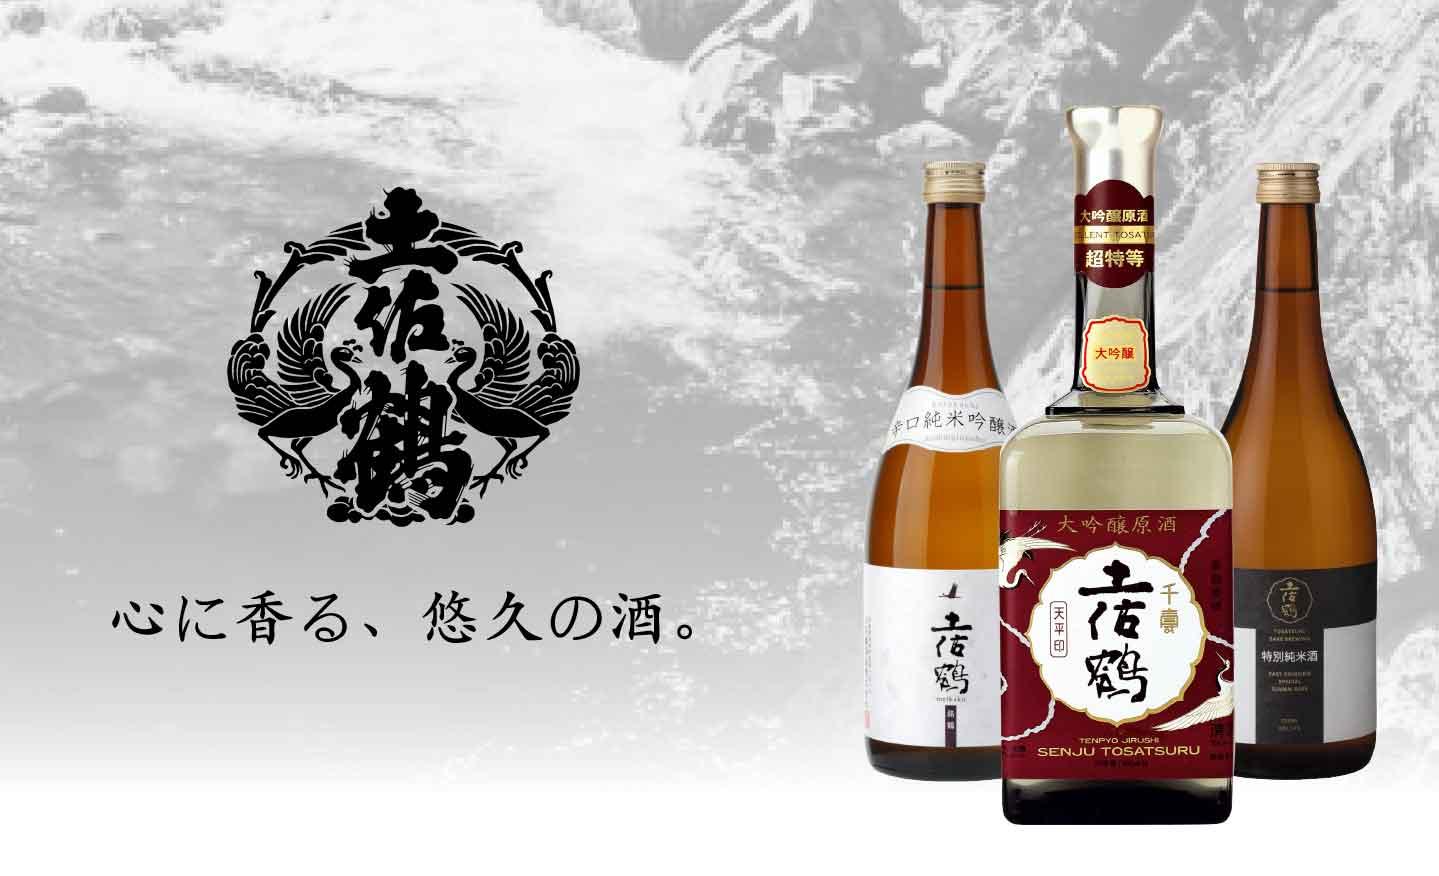 土佐鶴オンライン 心に香る悠久の酒